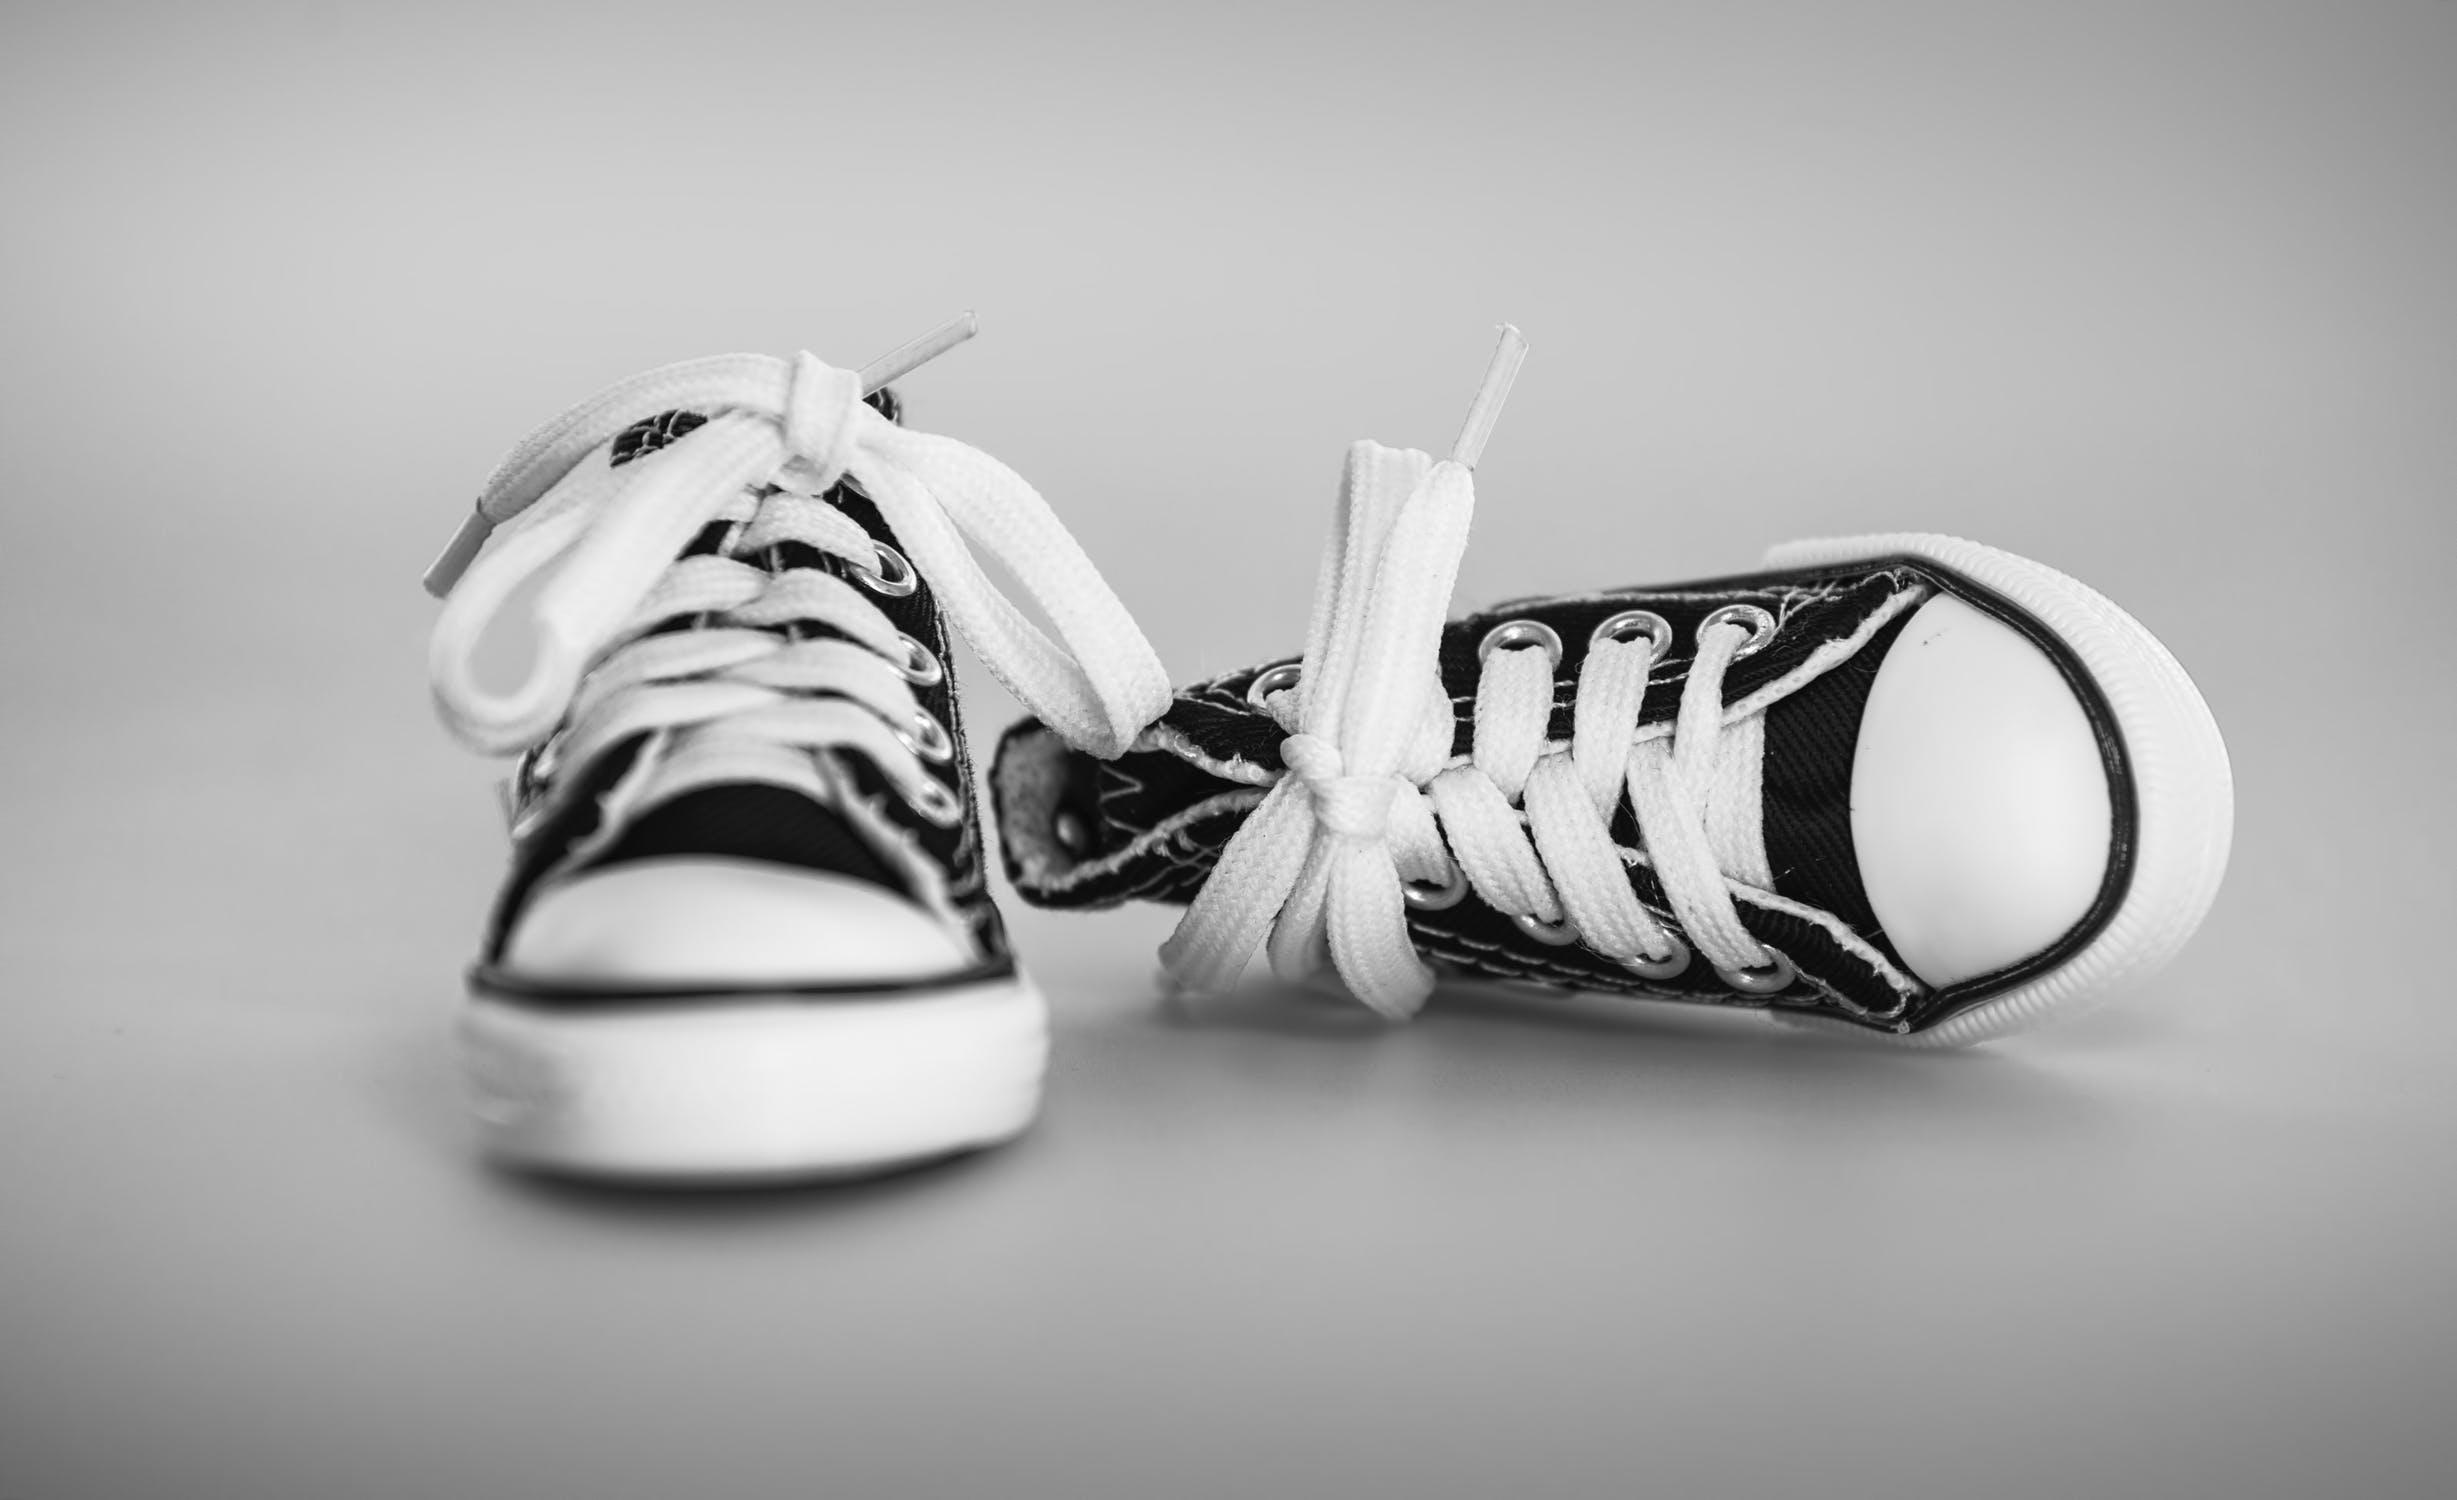 chucks best shoelaces